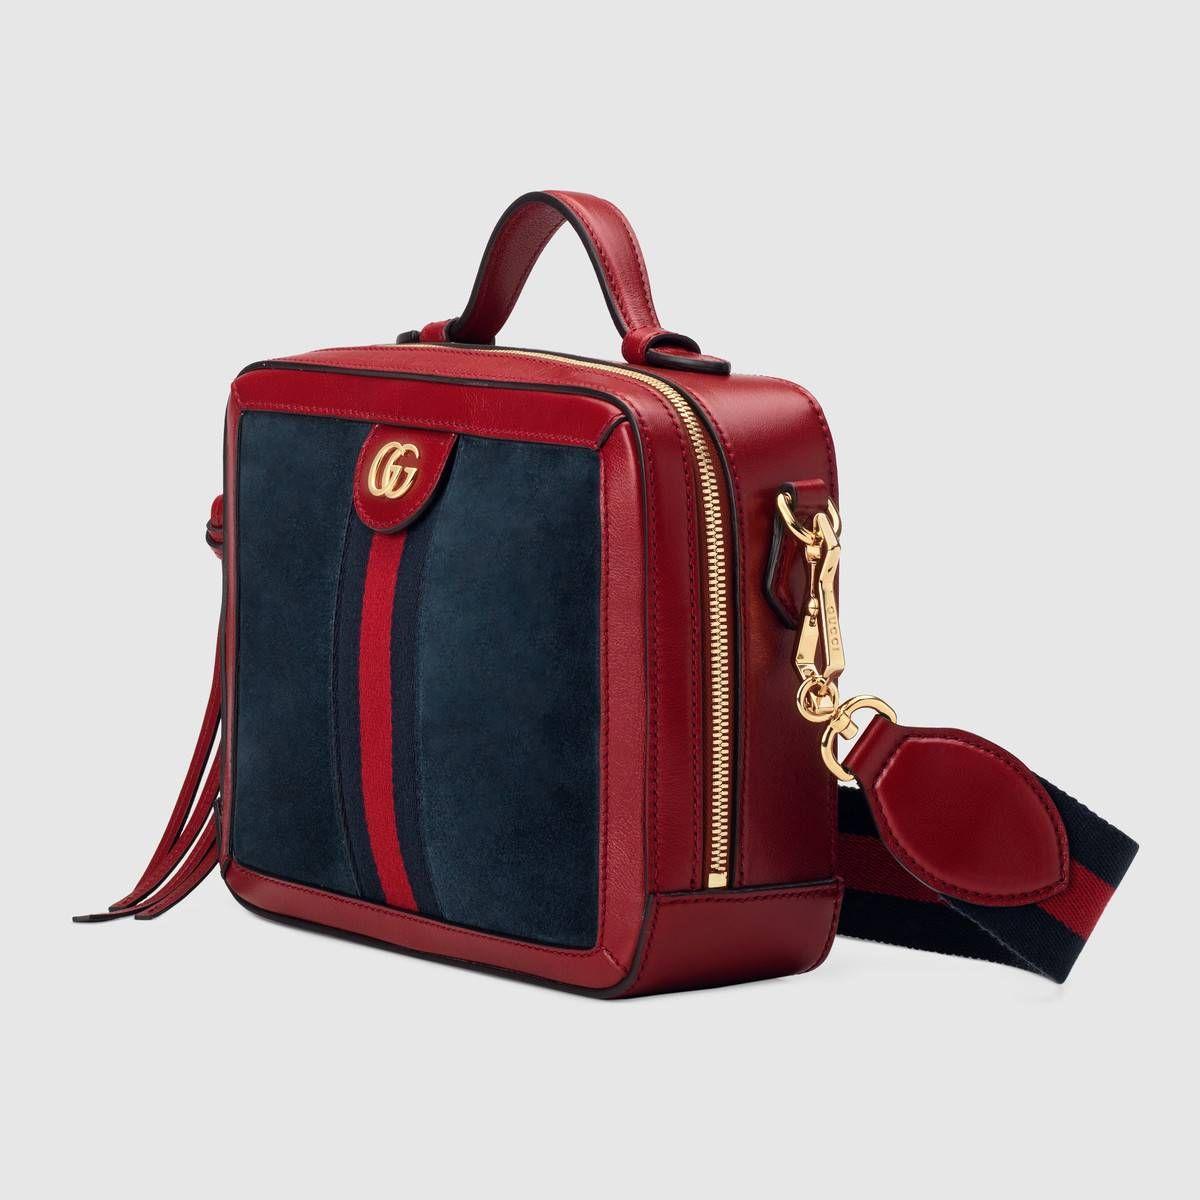 9d602a436 Compra ahora Bolso de Hombro Ophidia Pequeño de Gucci. El mundo de Ophidia  evoluciona con